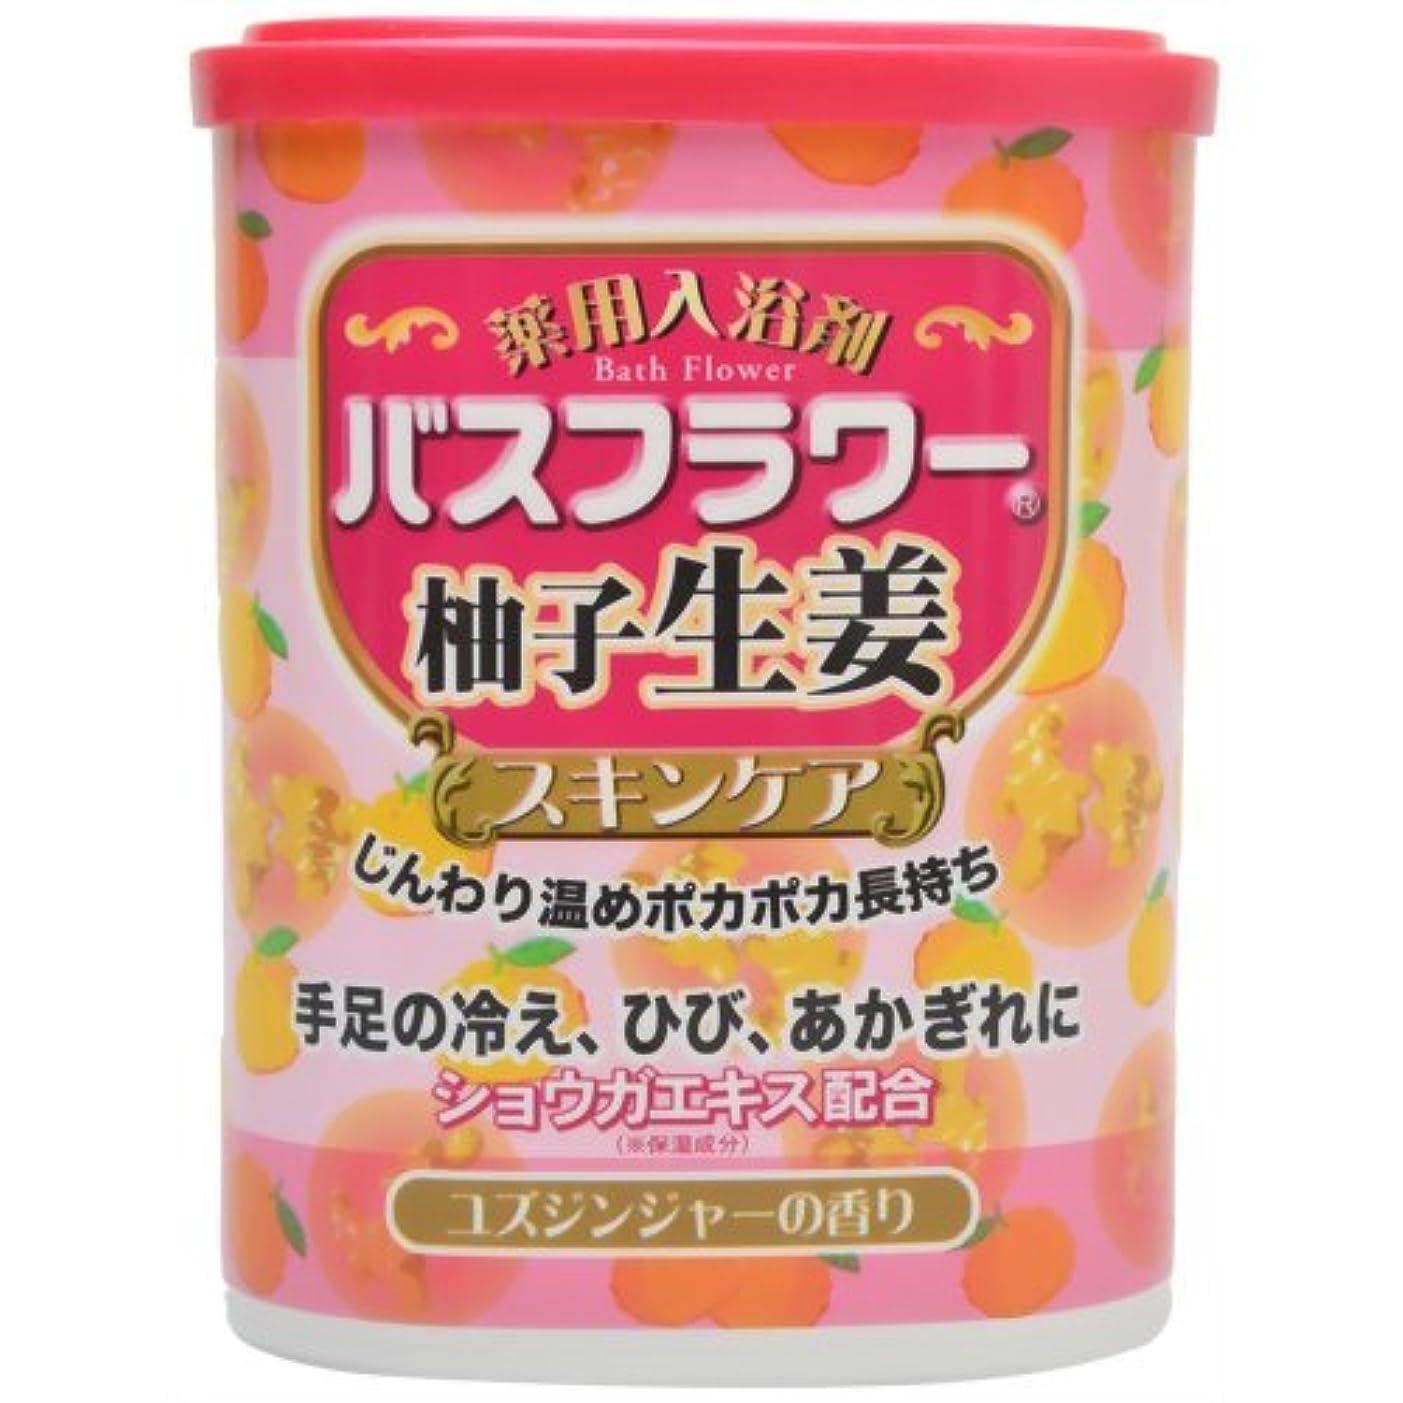 期限切れ品揃え問い合わせバスフラワー 薬用入浴剤スキンケア柚子生姜 680g